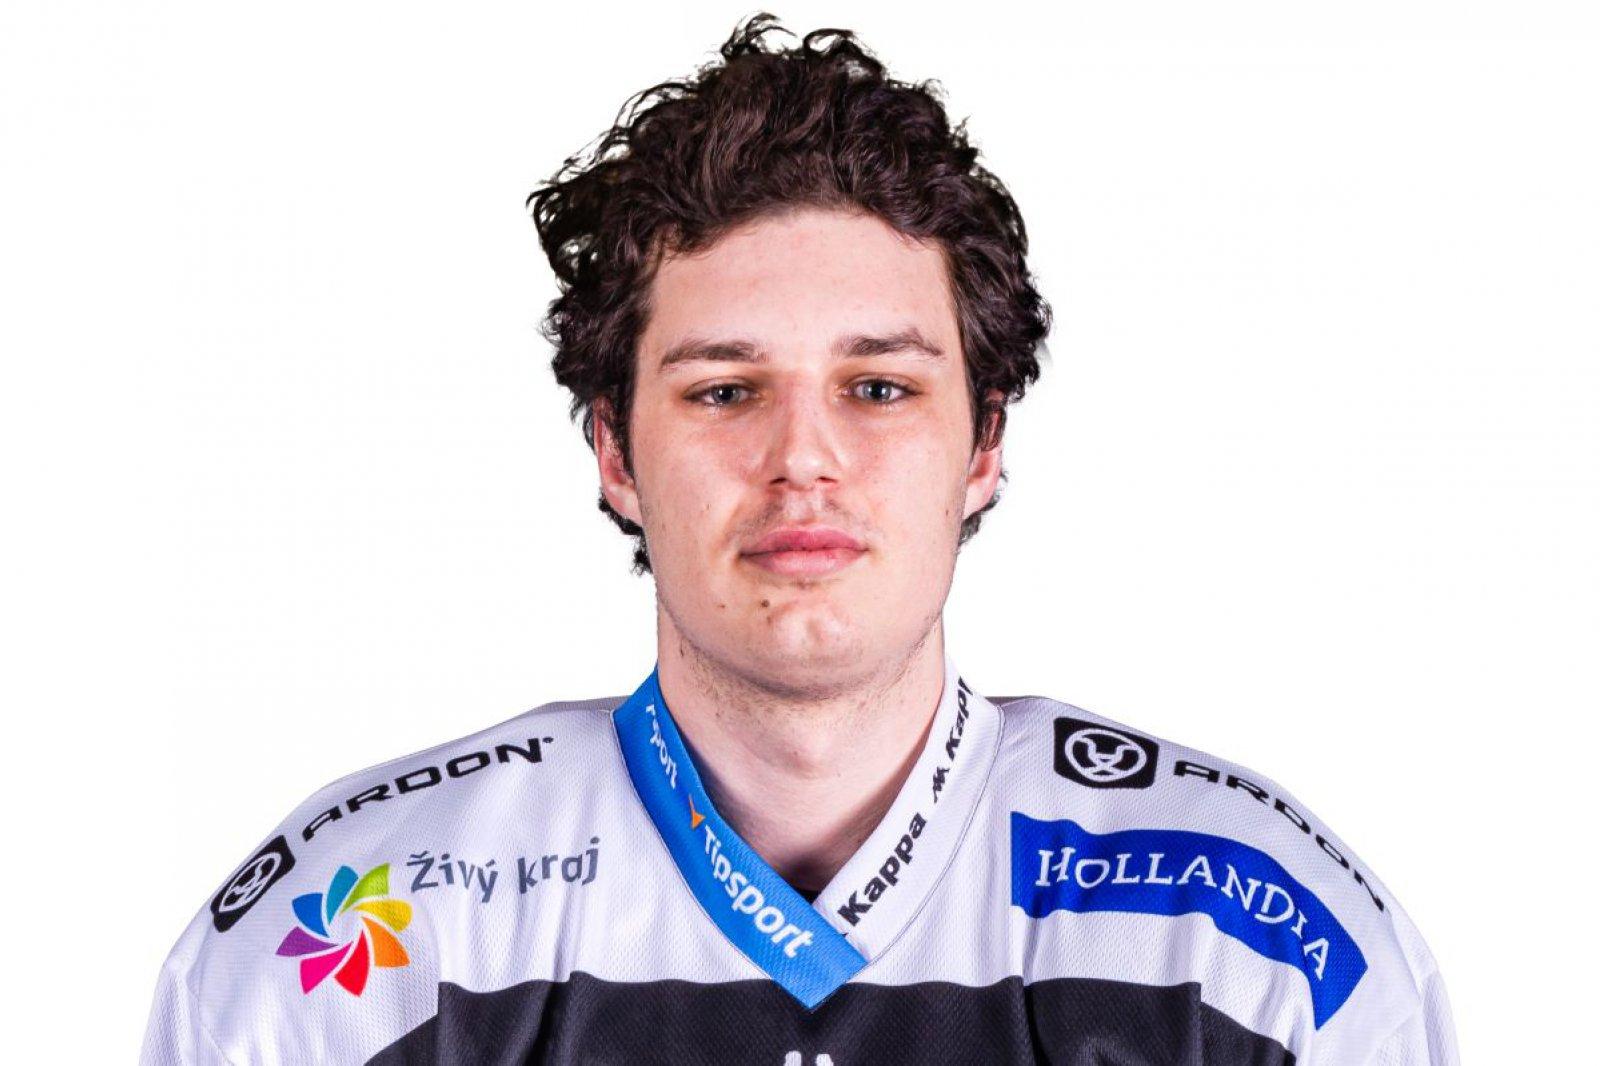 Daniel Kowalczyk